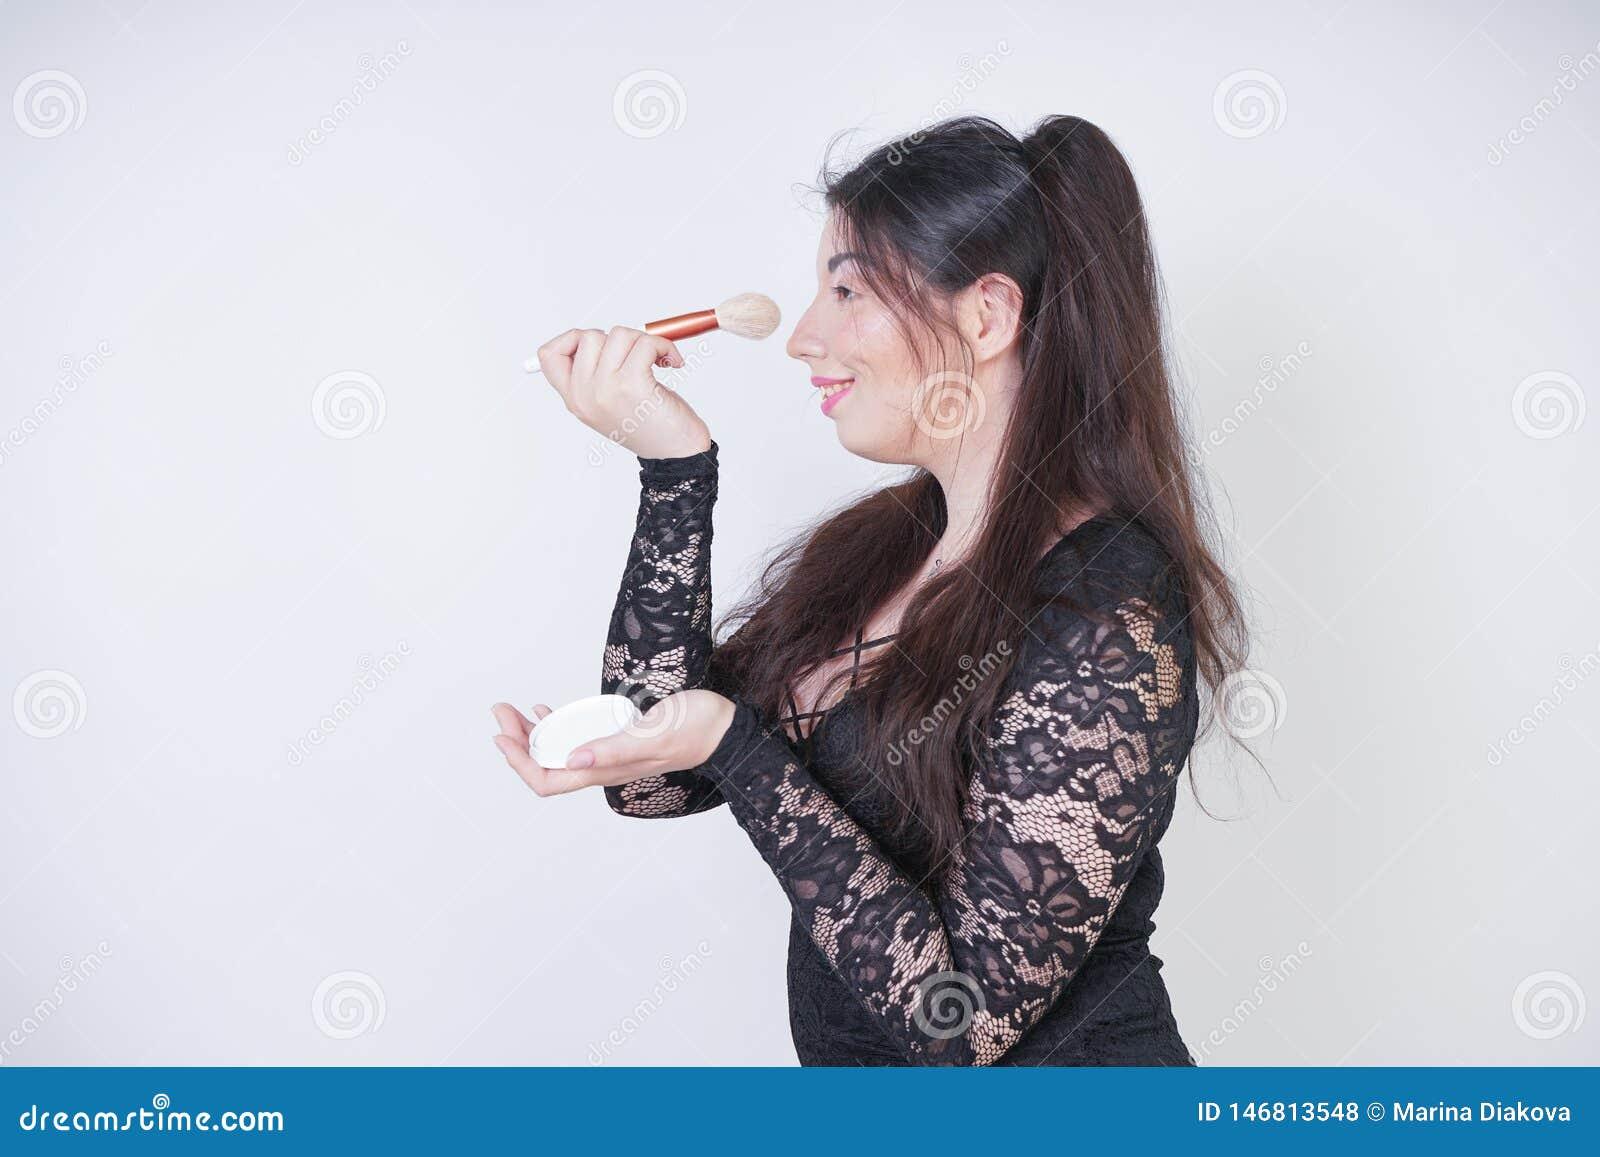 Χαριτωμένο ασιατικό κορίτσι στο μαύρο φόρεμα βραδιού δαντελλών με τη σκόνη και μια βούρτσα στα χέρια στο άσπρο υπόβαθρο